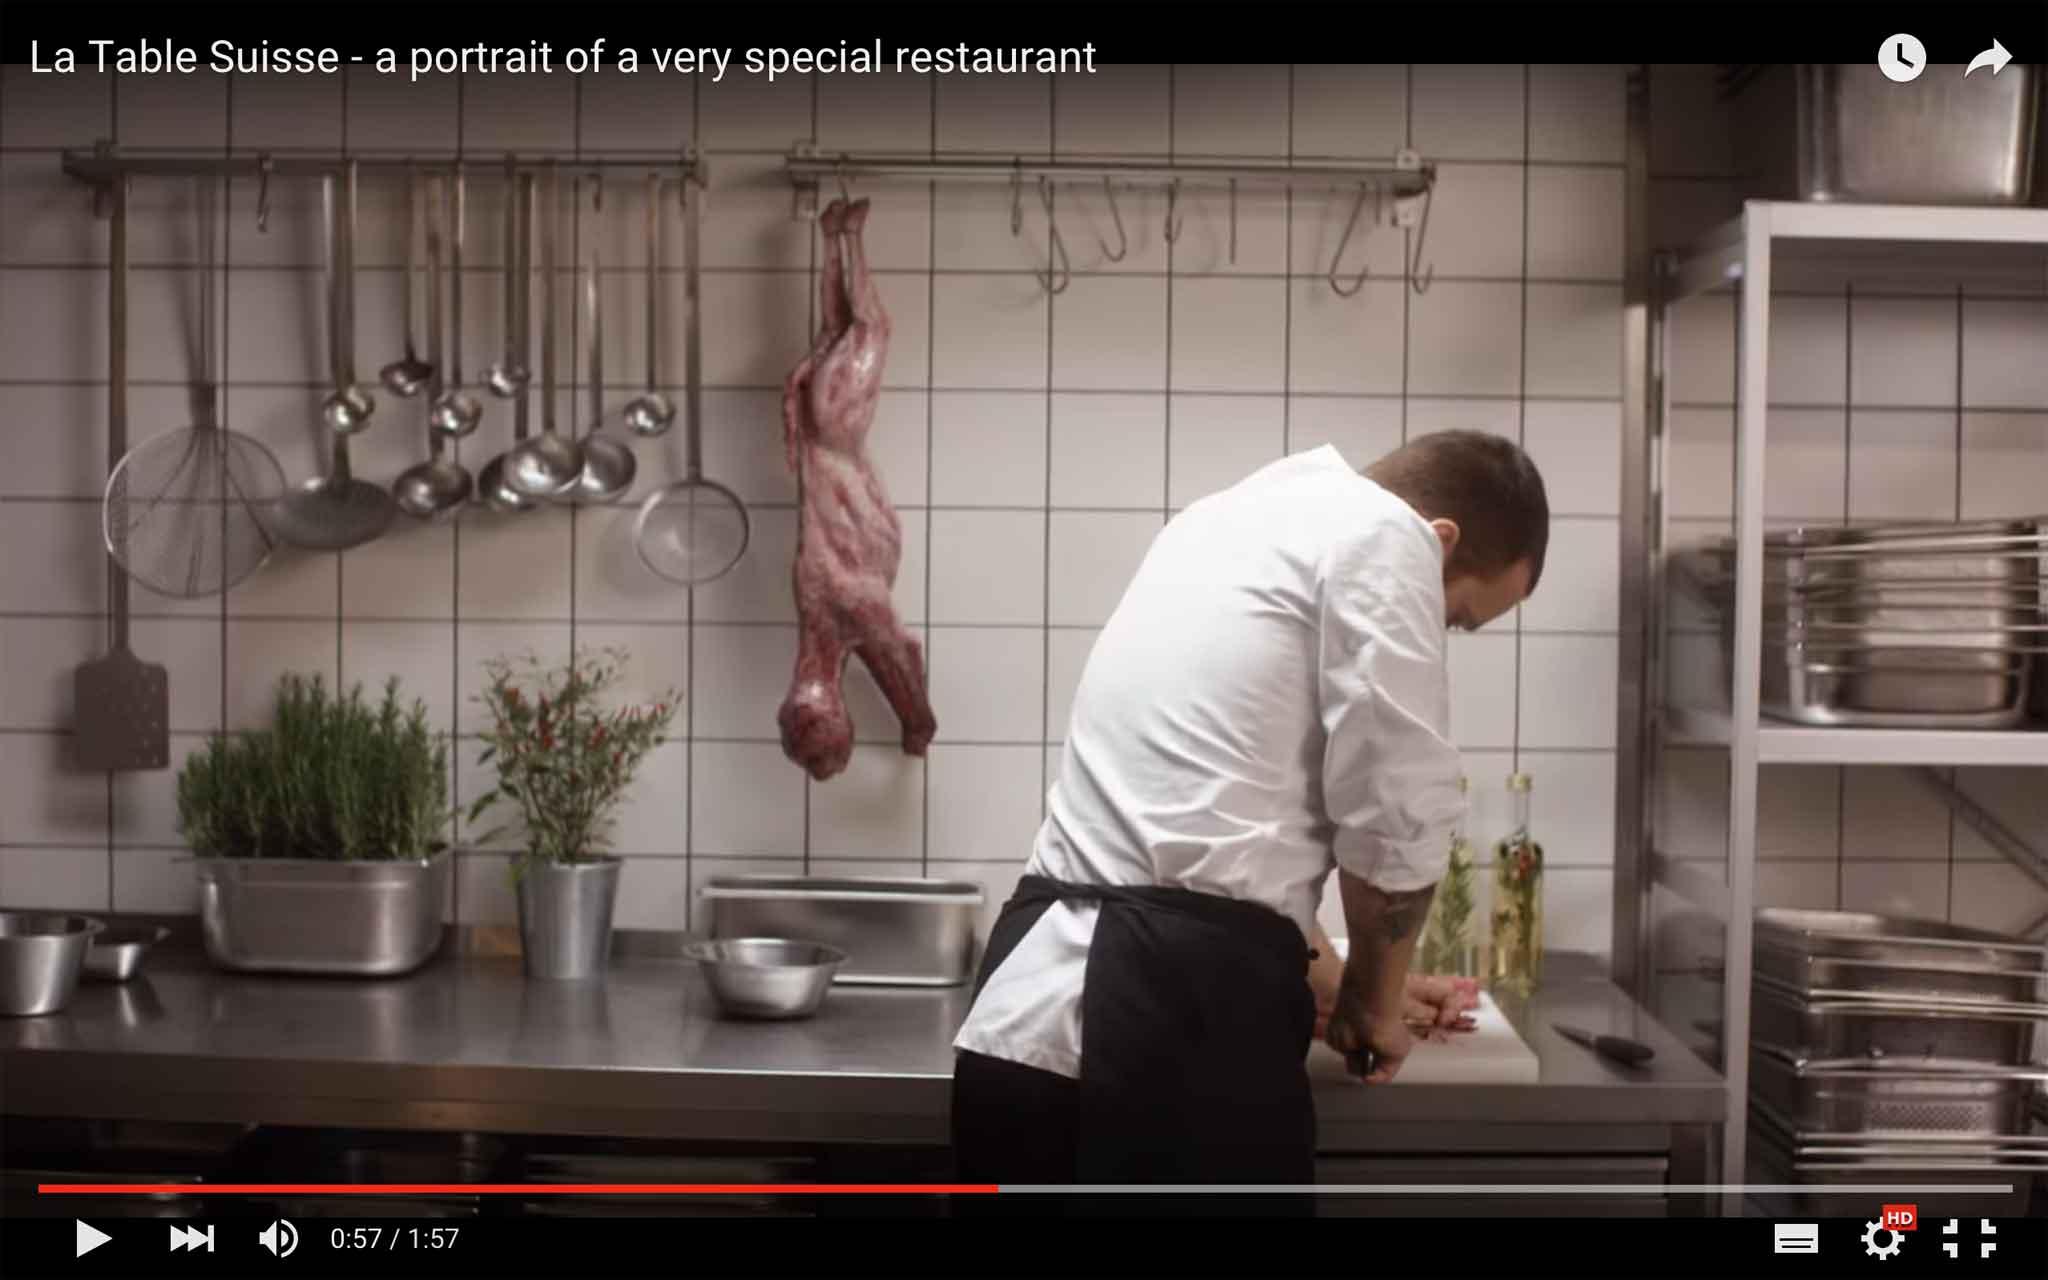 Il Video Scandalo Del Ristorante Svizzero Che Cucina Carne Di Cane E